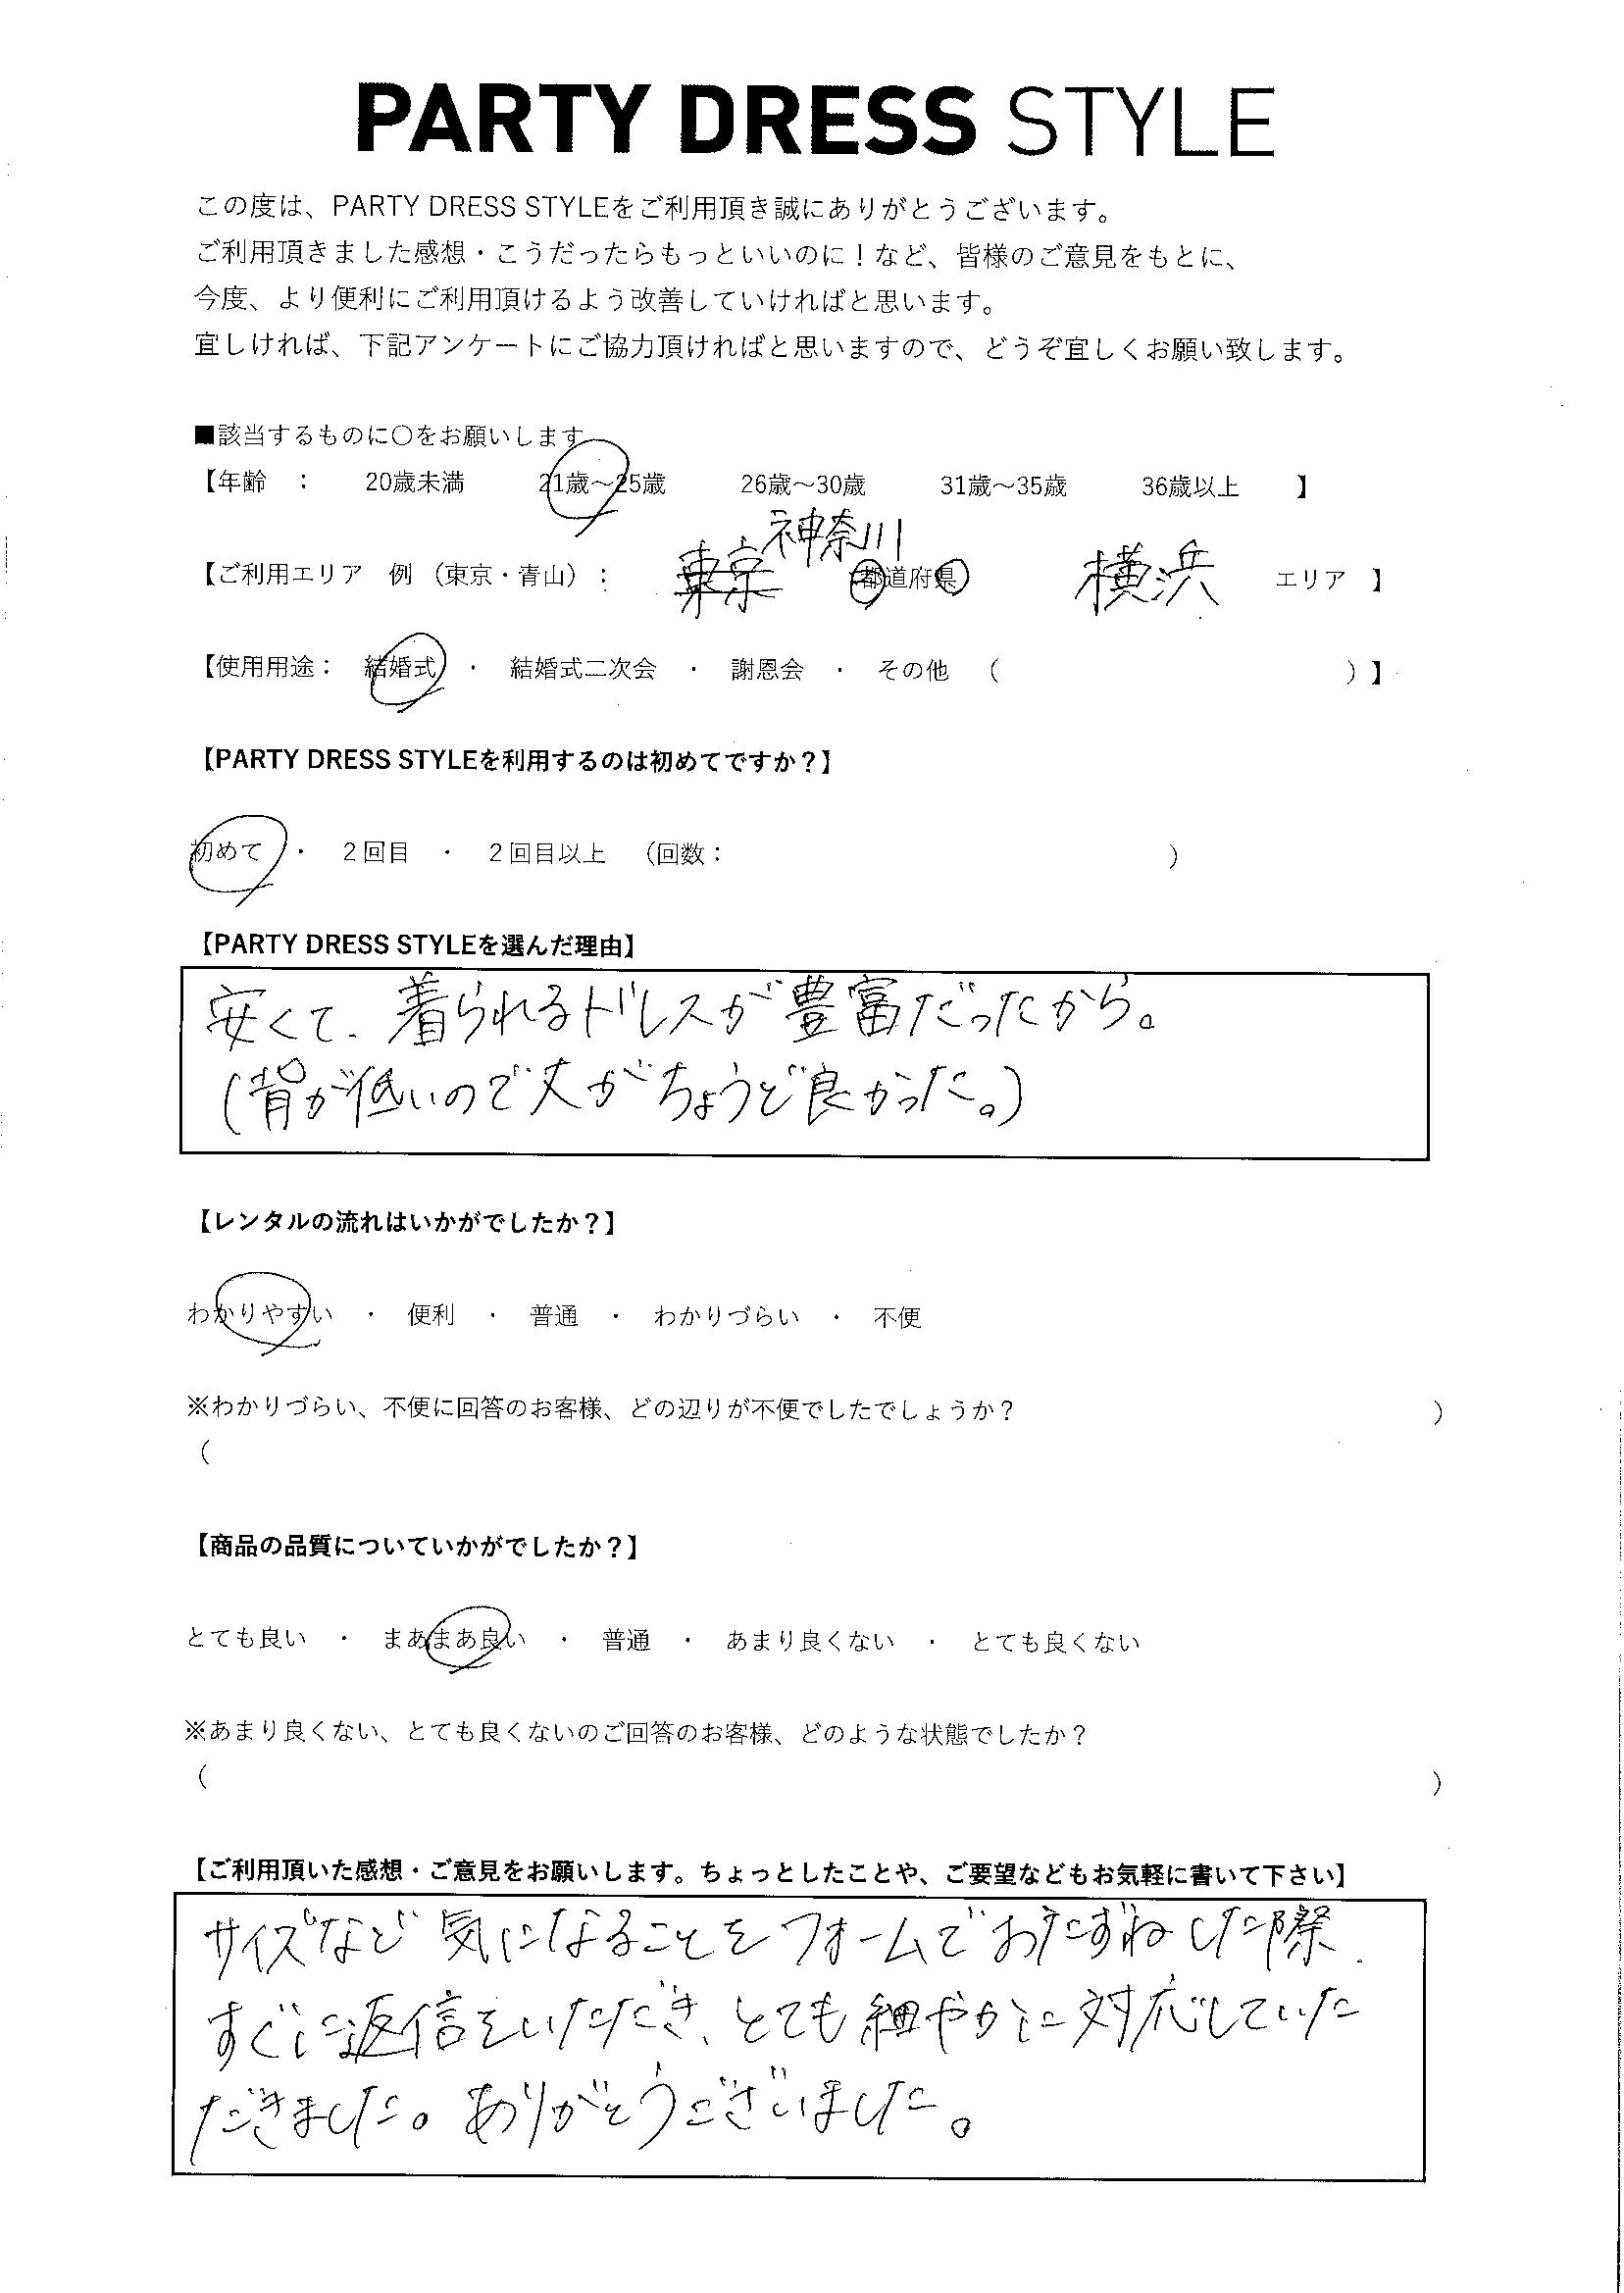 9/20結婚式ご利用 神奈川・横浜エリア